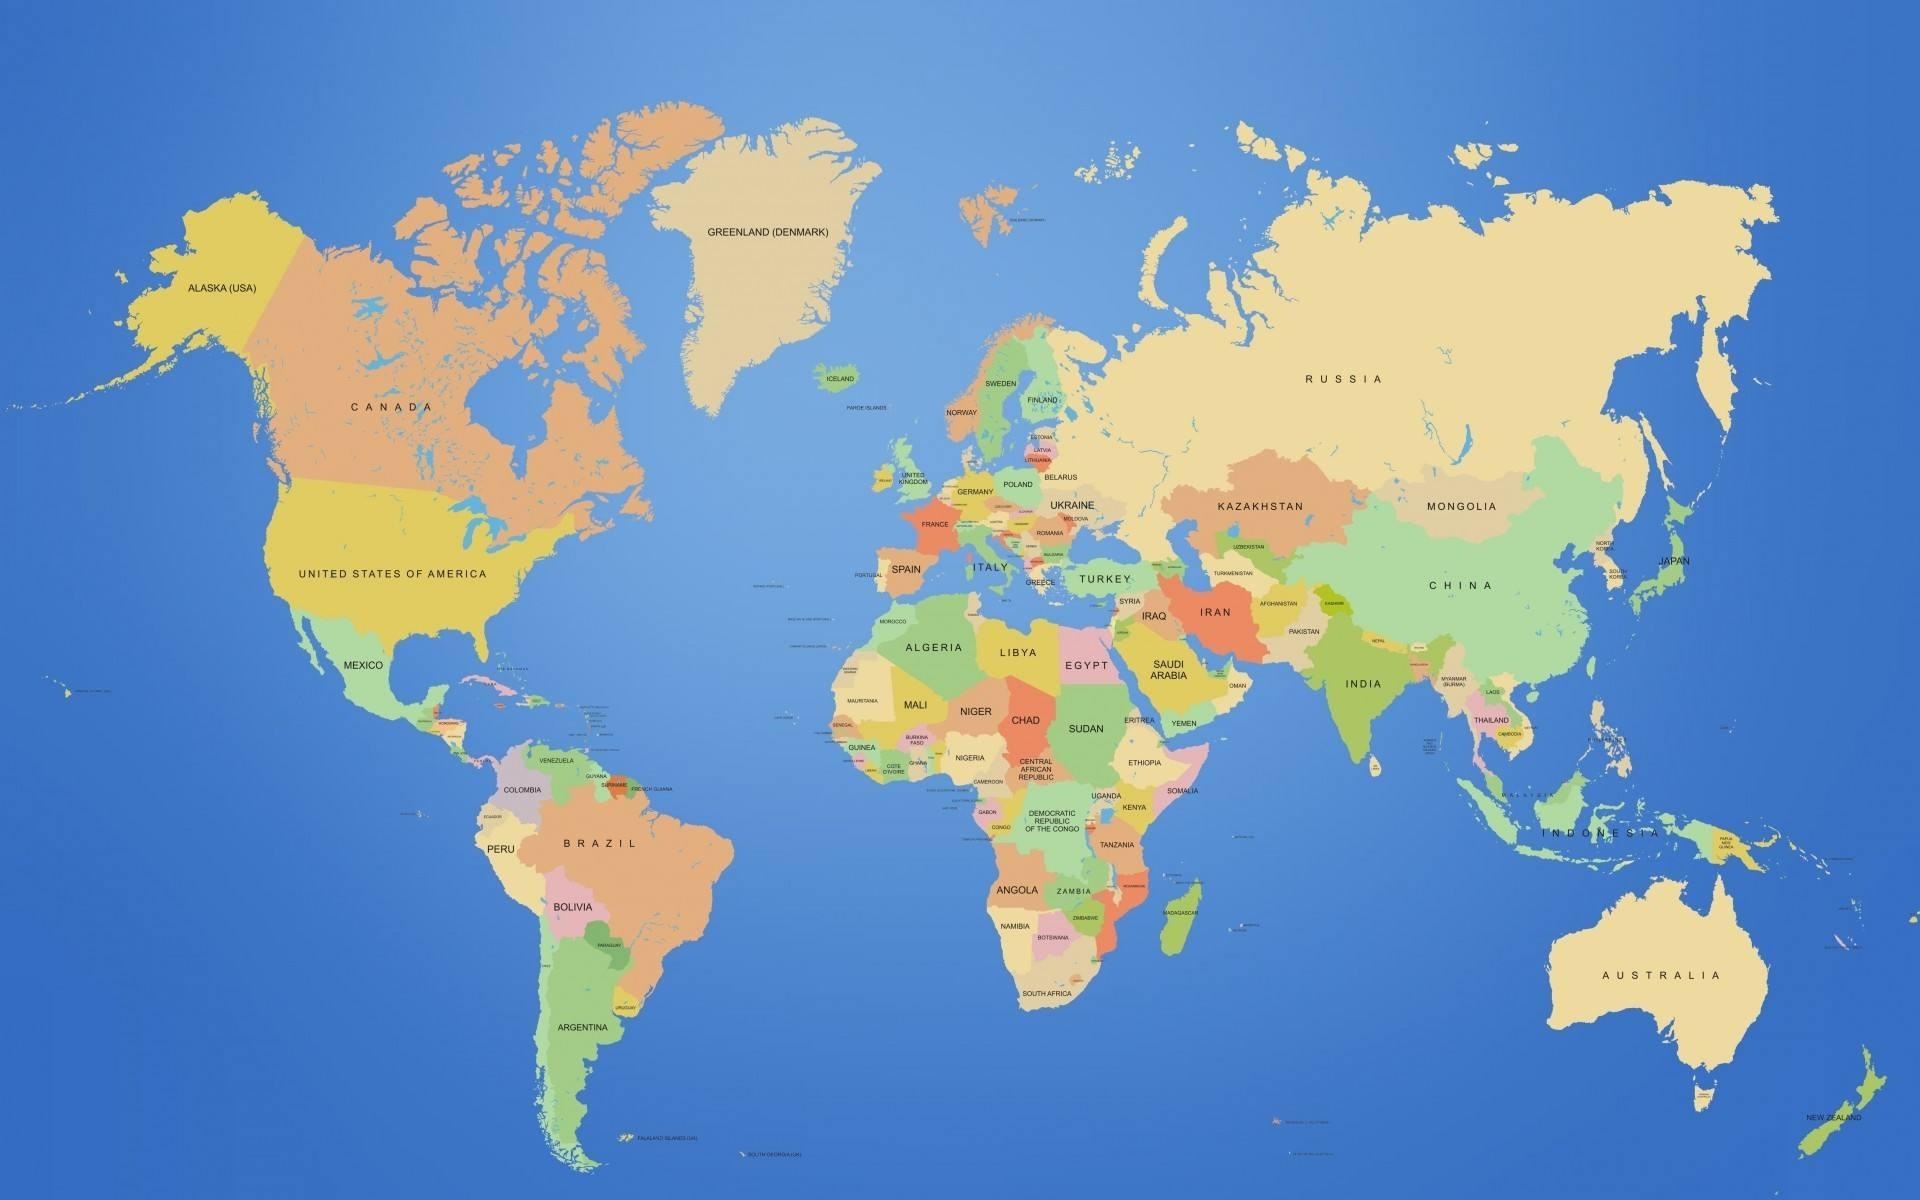 世界上国家和地区一览表图片